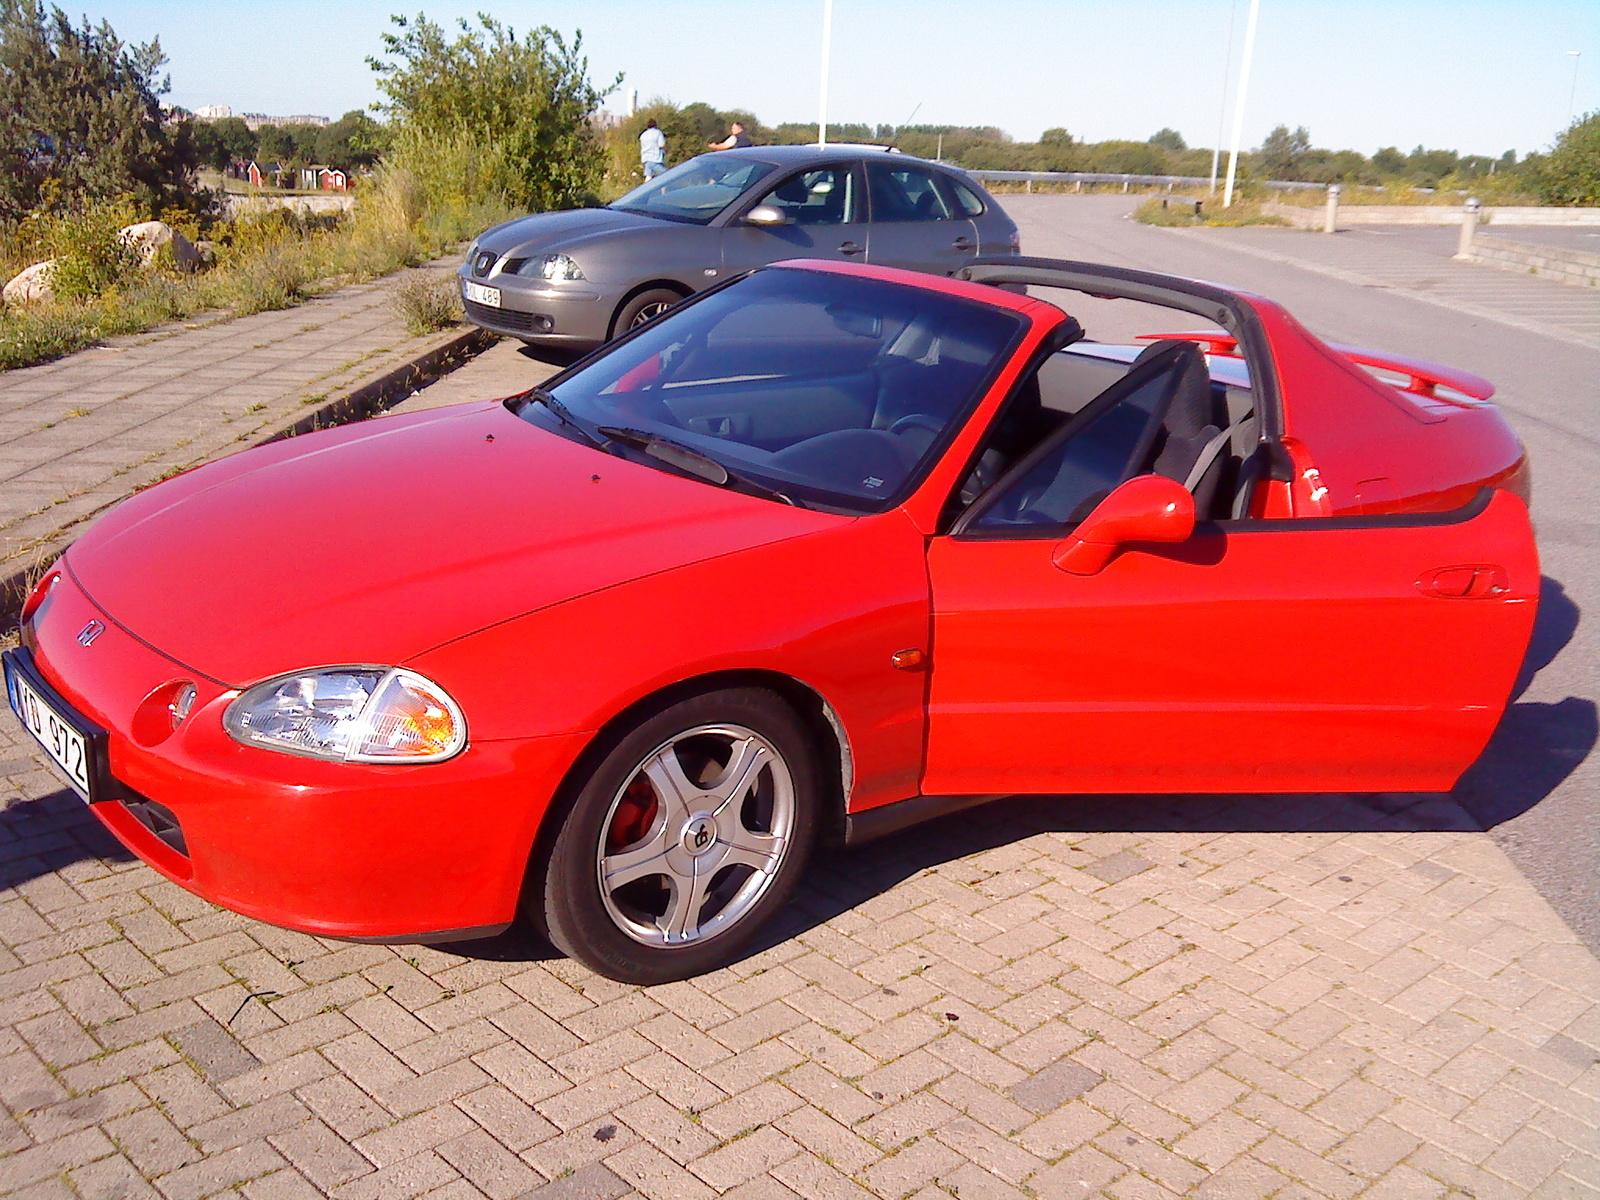 Good 1995 Honda Civic Del Sol #1 Honda Civic Del Sol #1